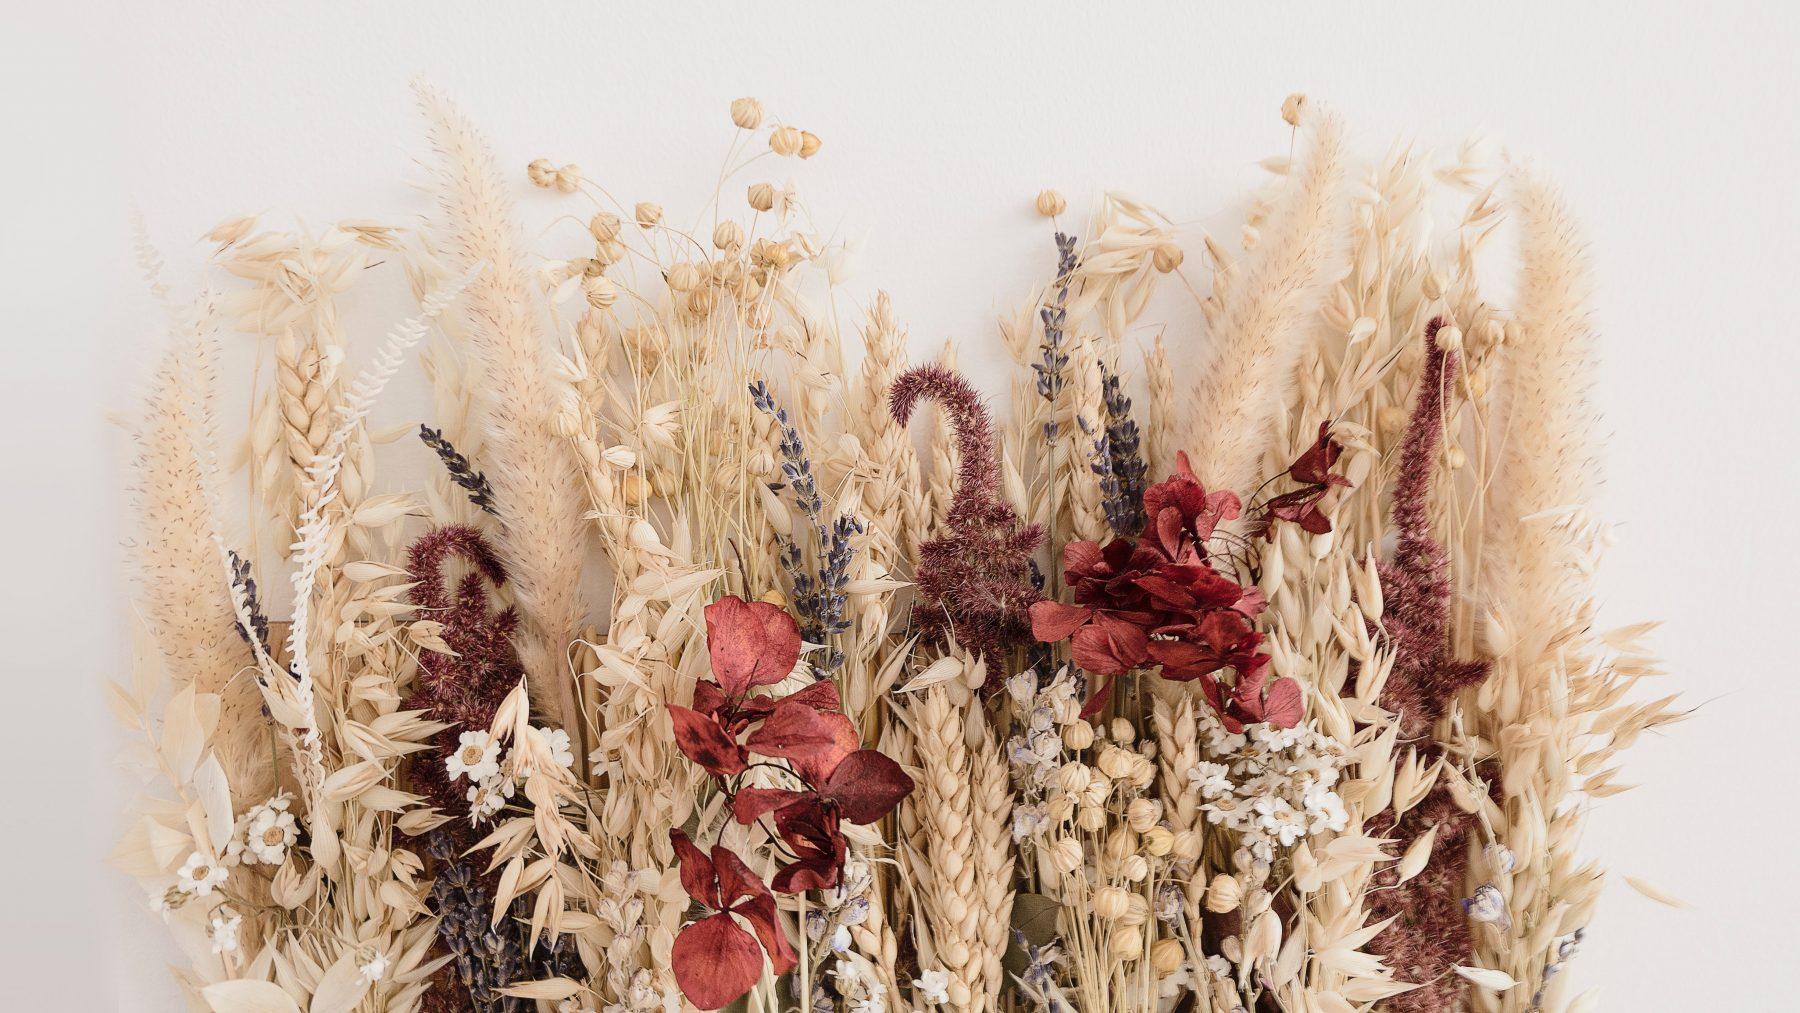 Kurkdroog maar prachtig: droogbloemen zijn een ware interieurhit